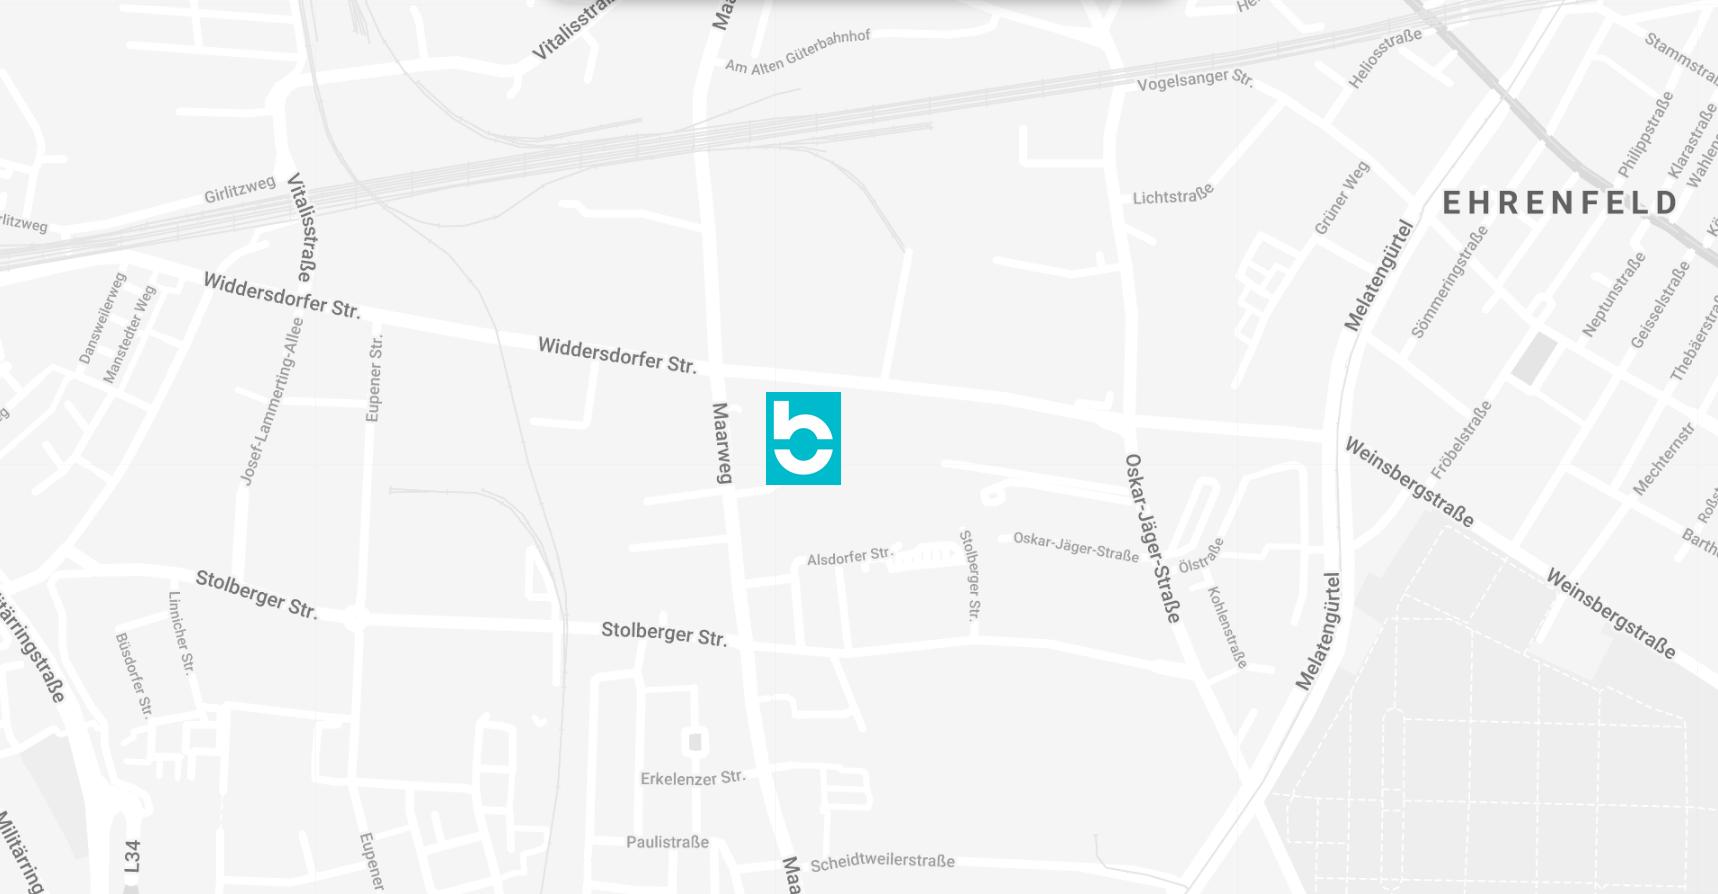 Wegbeschreibung zur Bootbox - Widdersdorfer Straße 217